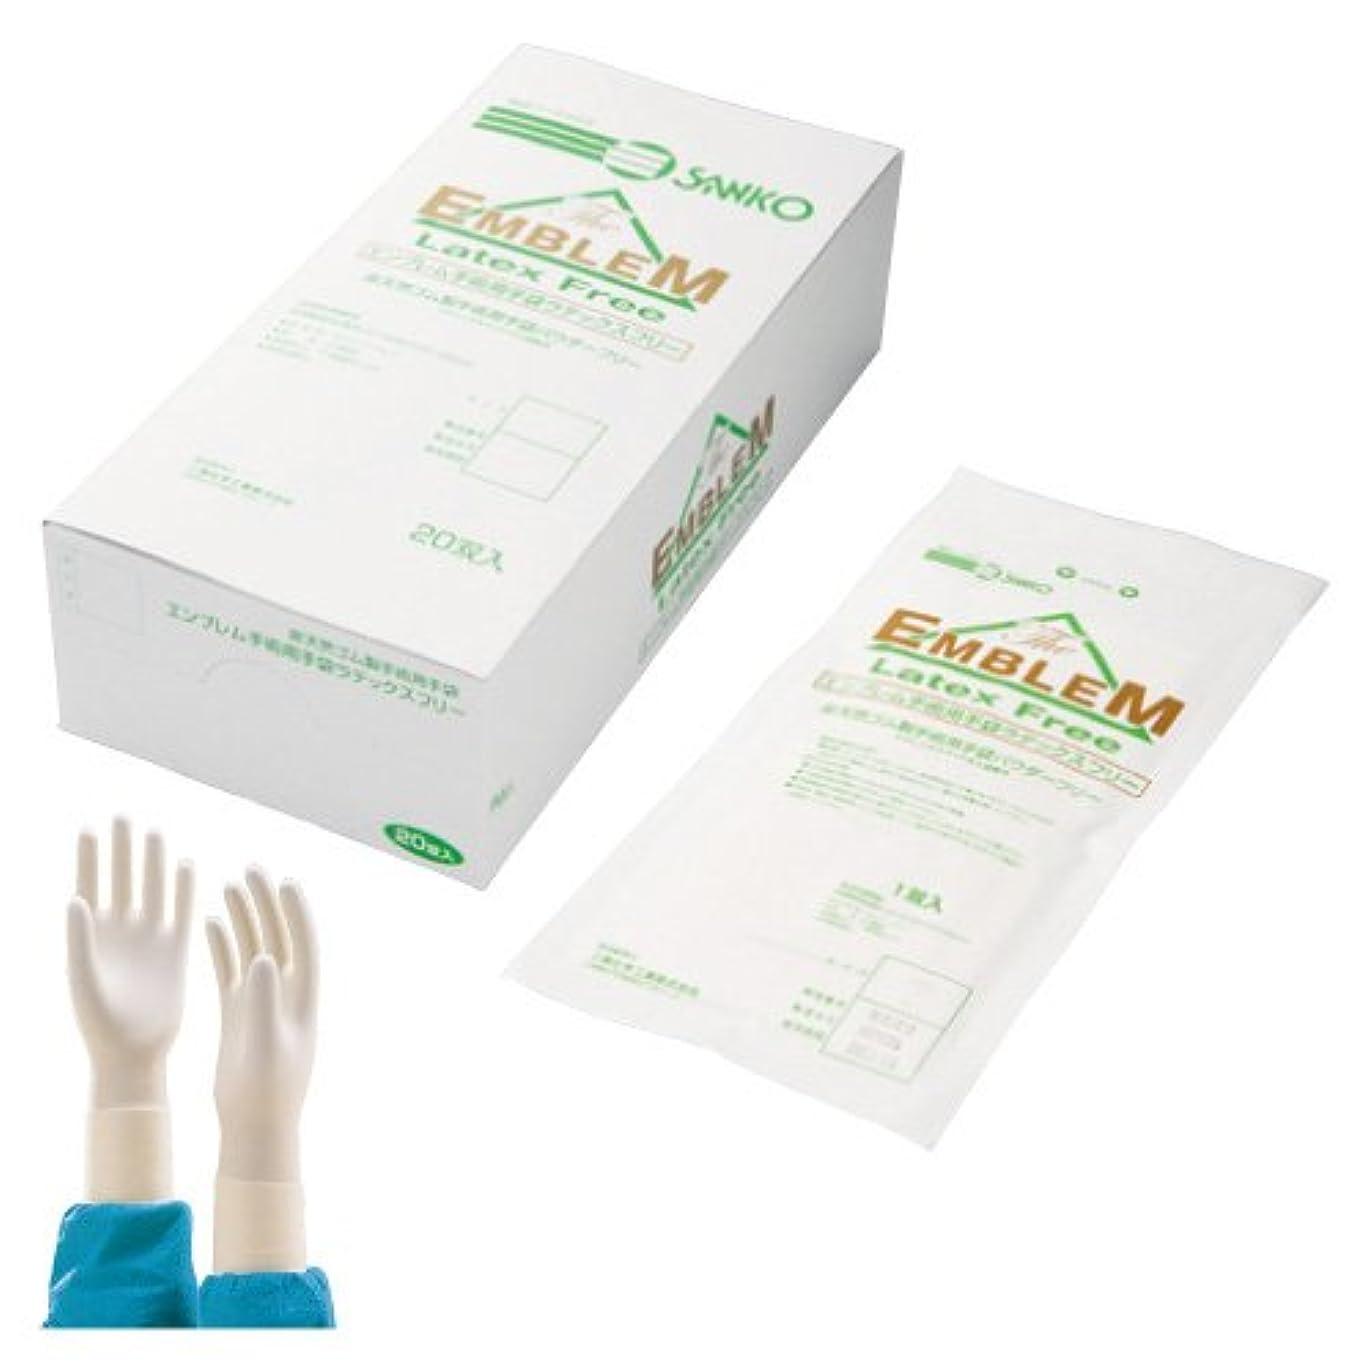 節約発揮するシロクマエンブレム手術用手袋 6 <1箱(20双入)>